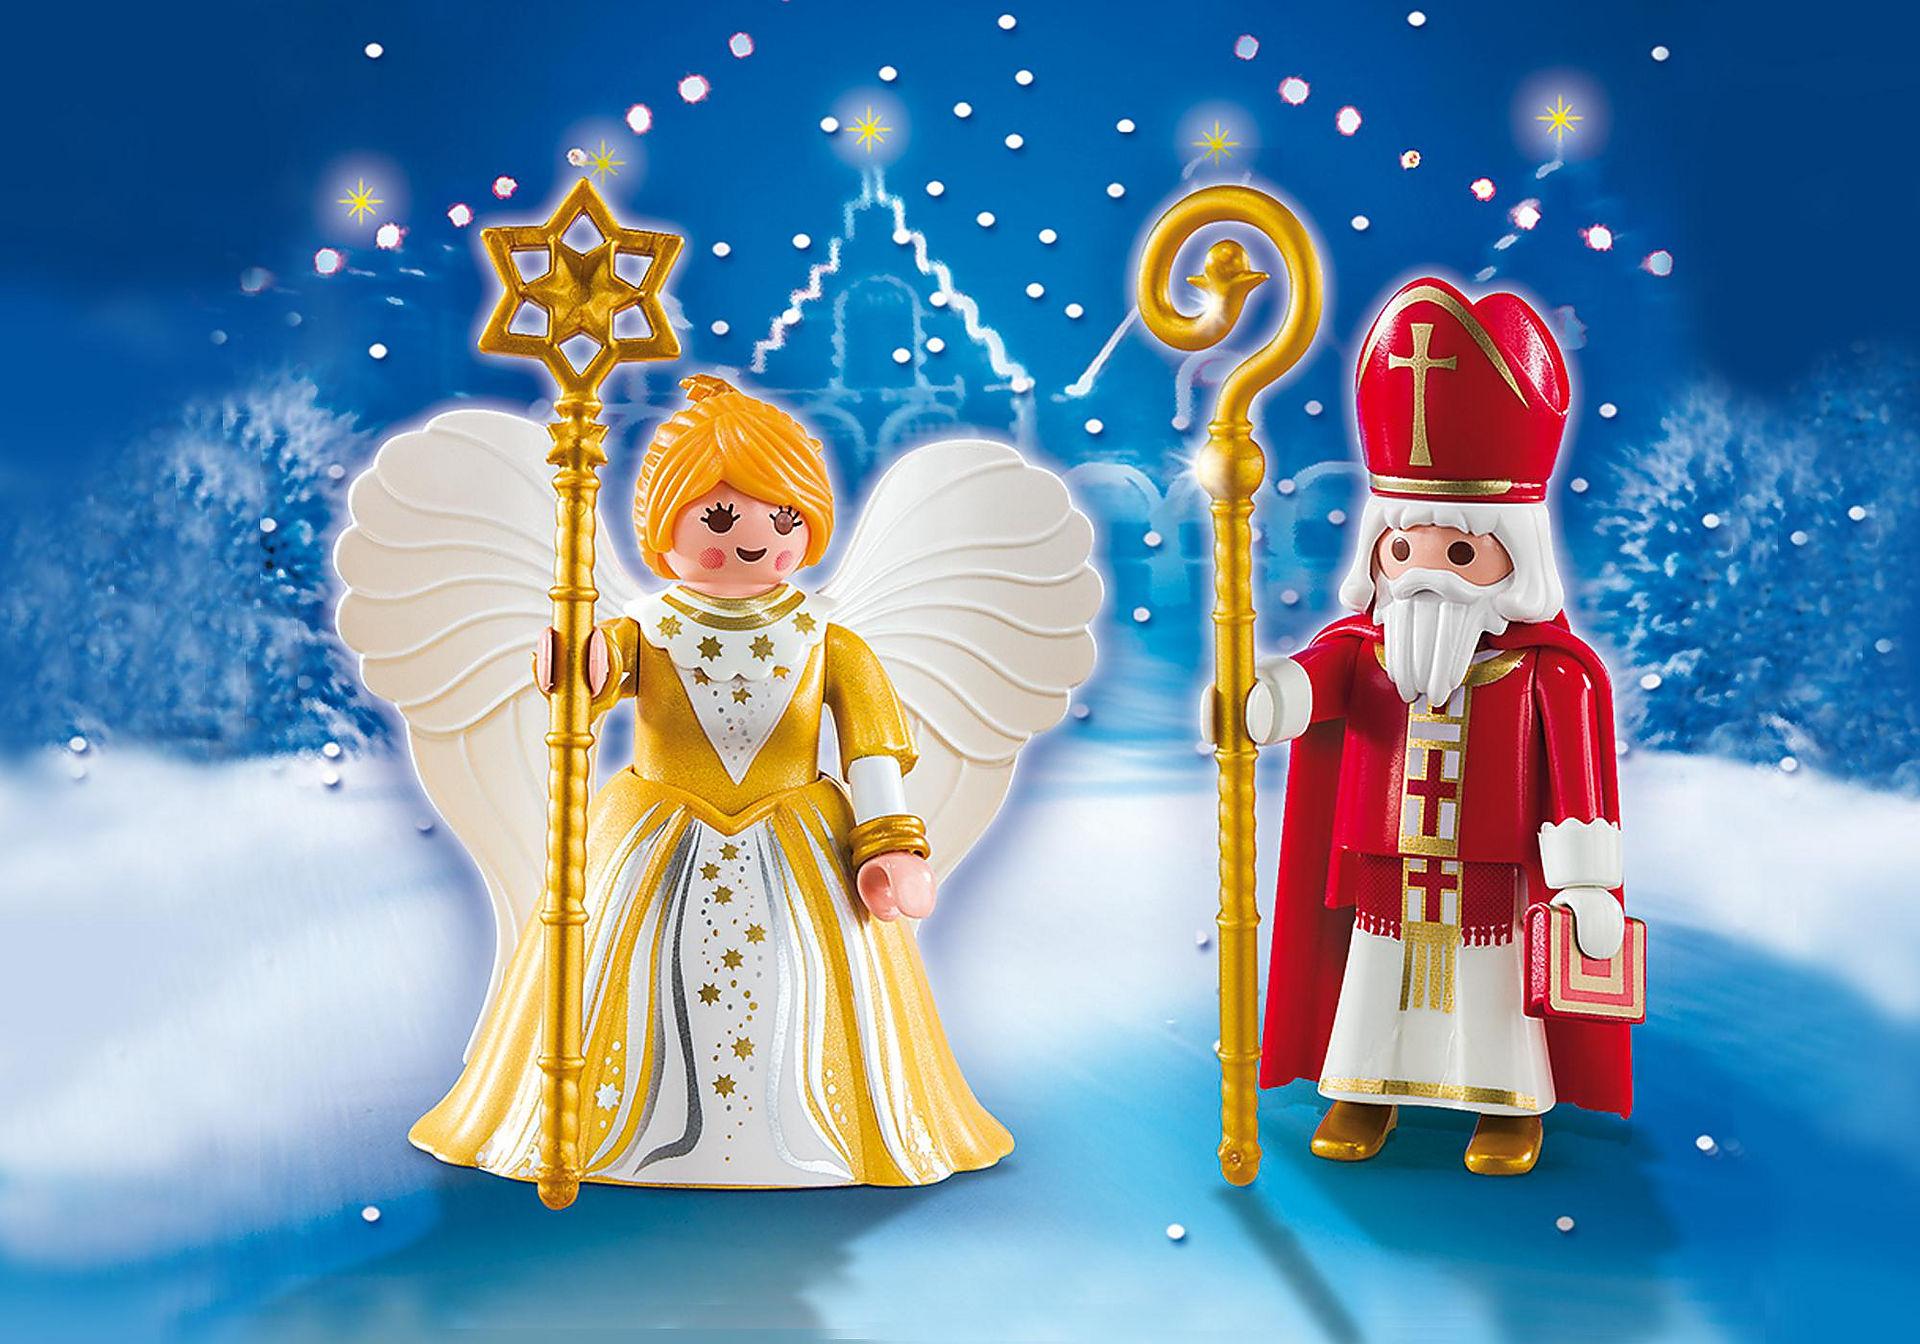 5592 San Nicolás y Ángel de Navidad zoom image1